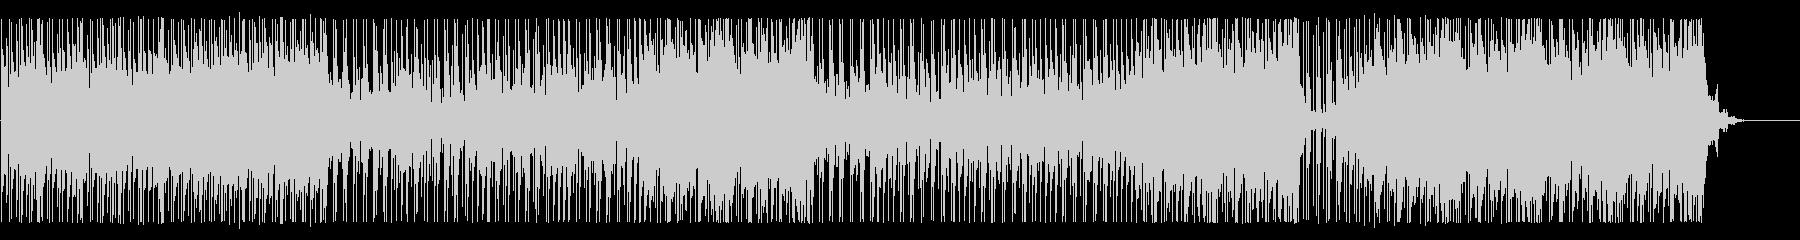 PowerBassHip-HopBeatの未再生の波形